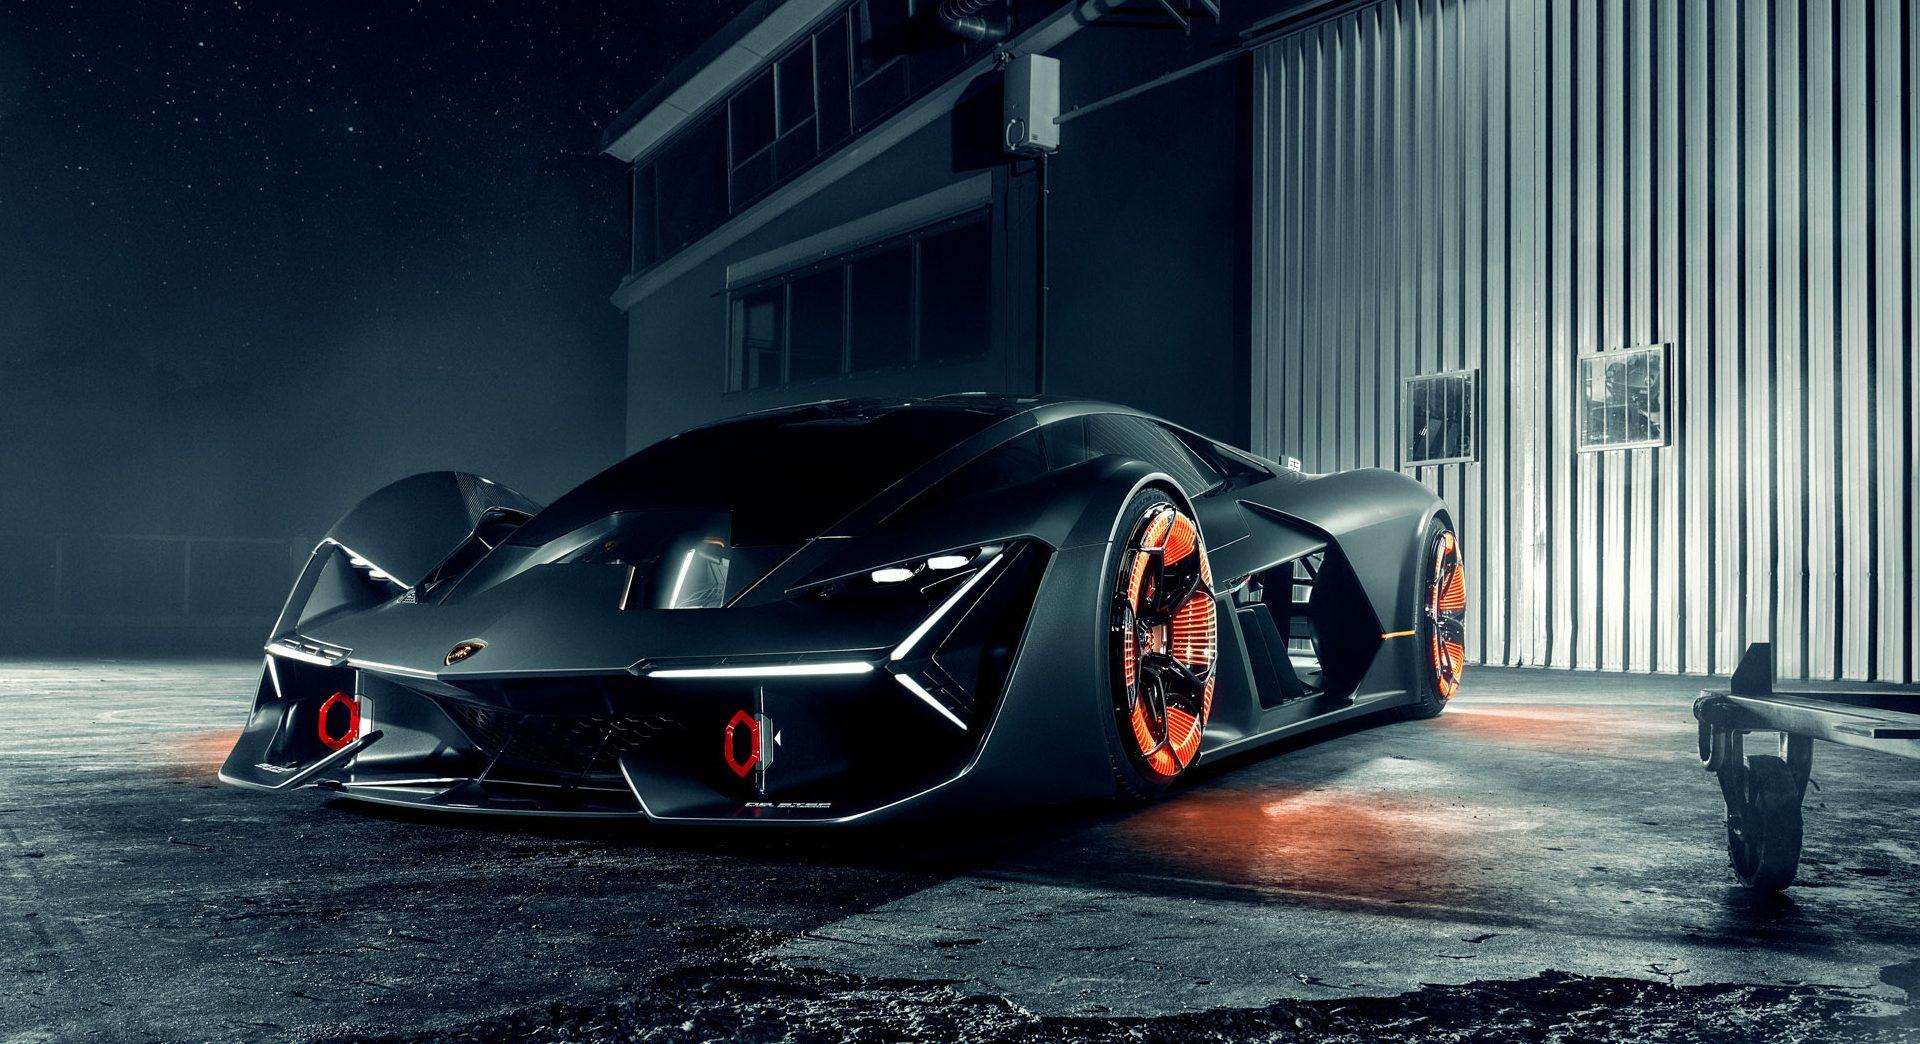 Lamborghini S Hybrid Hypercar Lb48h Will Likely Pack 838 Horsepower